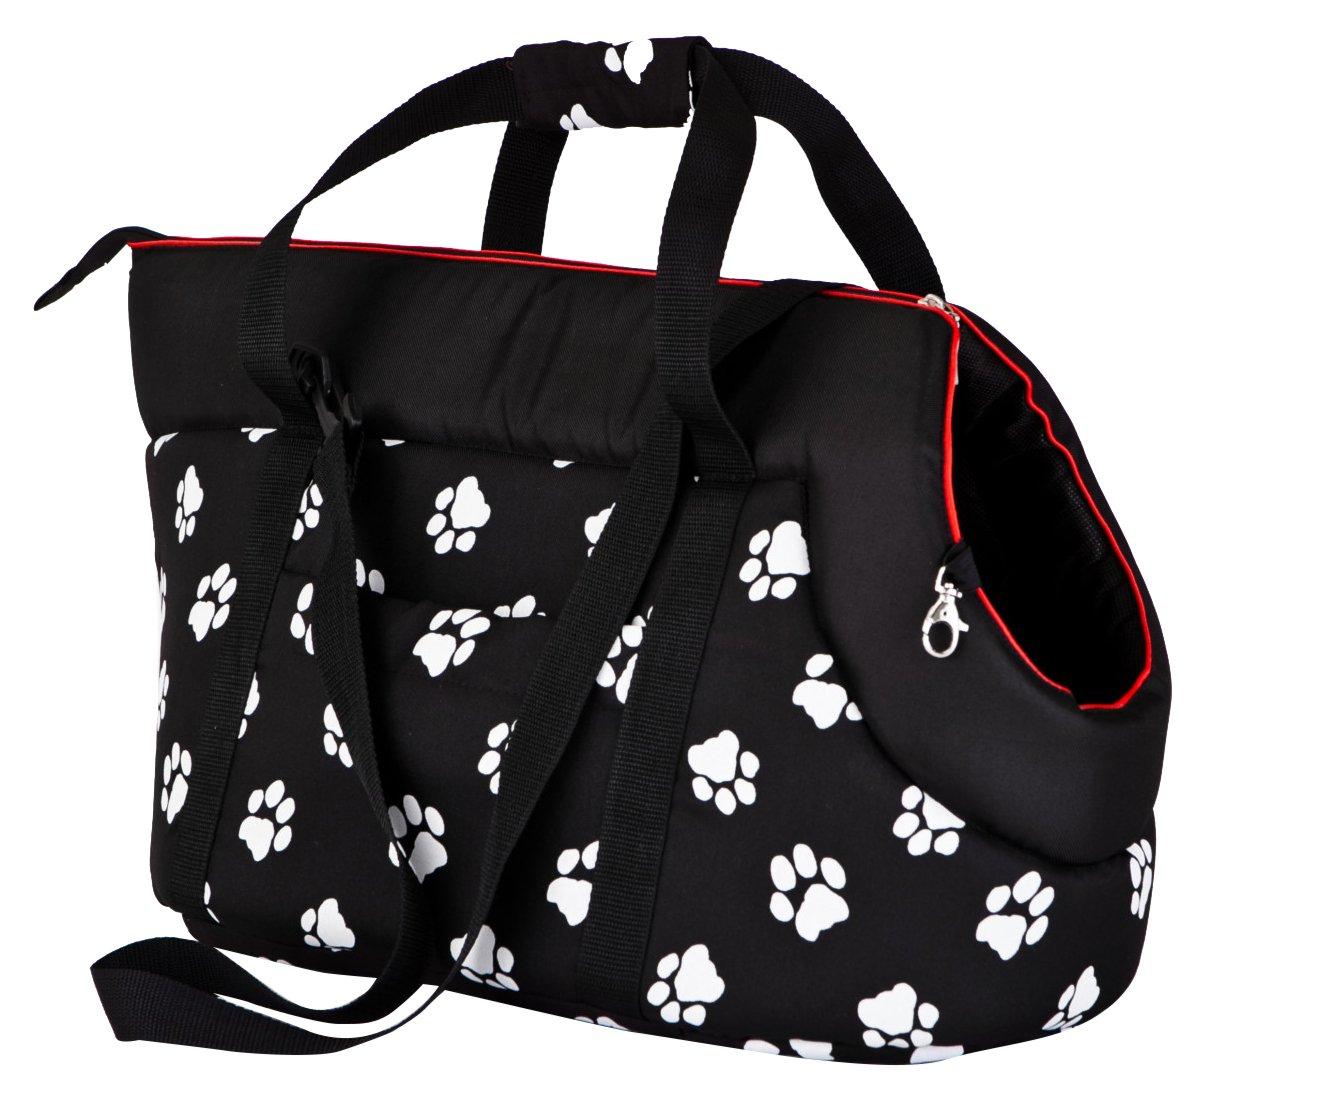 Grigio con Fiori 27/x 25/x 43/cm Hobbydog Tor gwk8/Borsa da Trasporto per Cani e Gatti